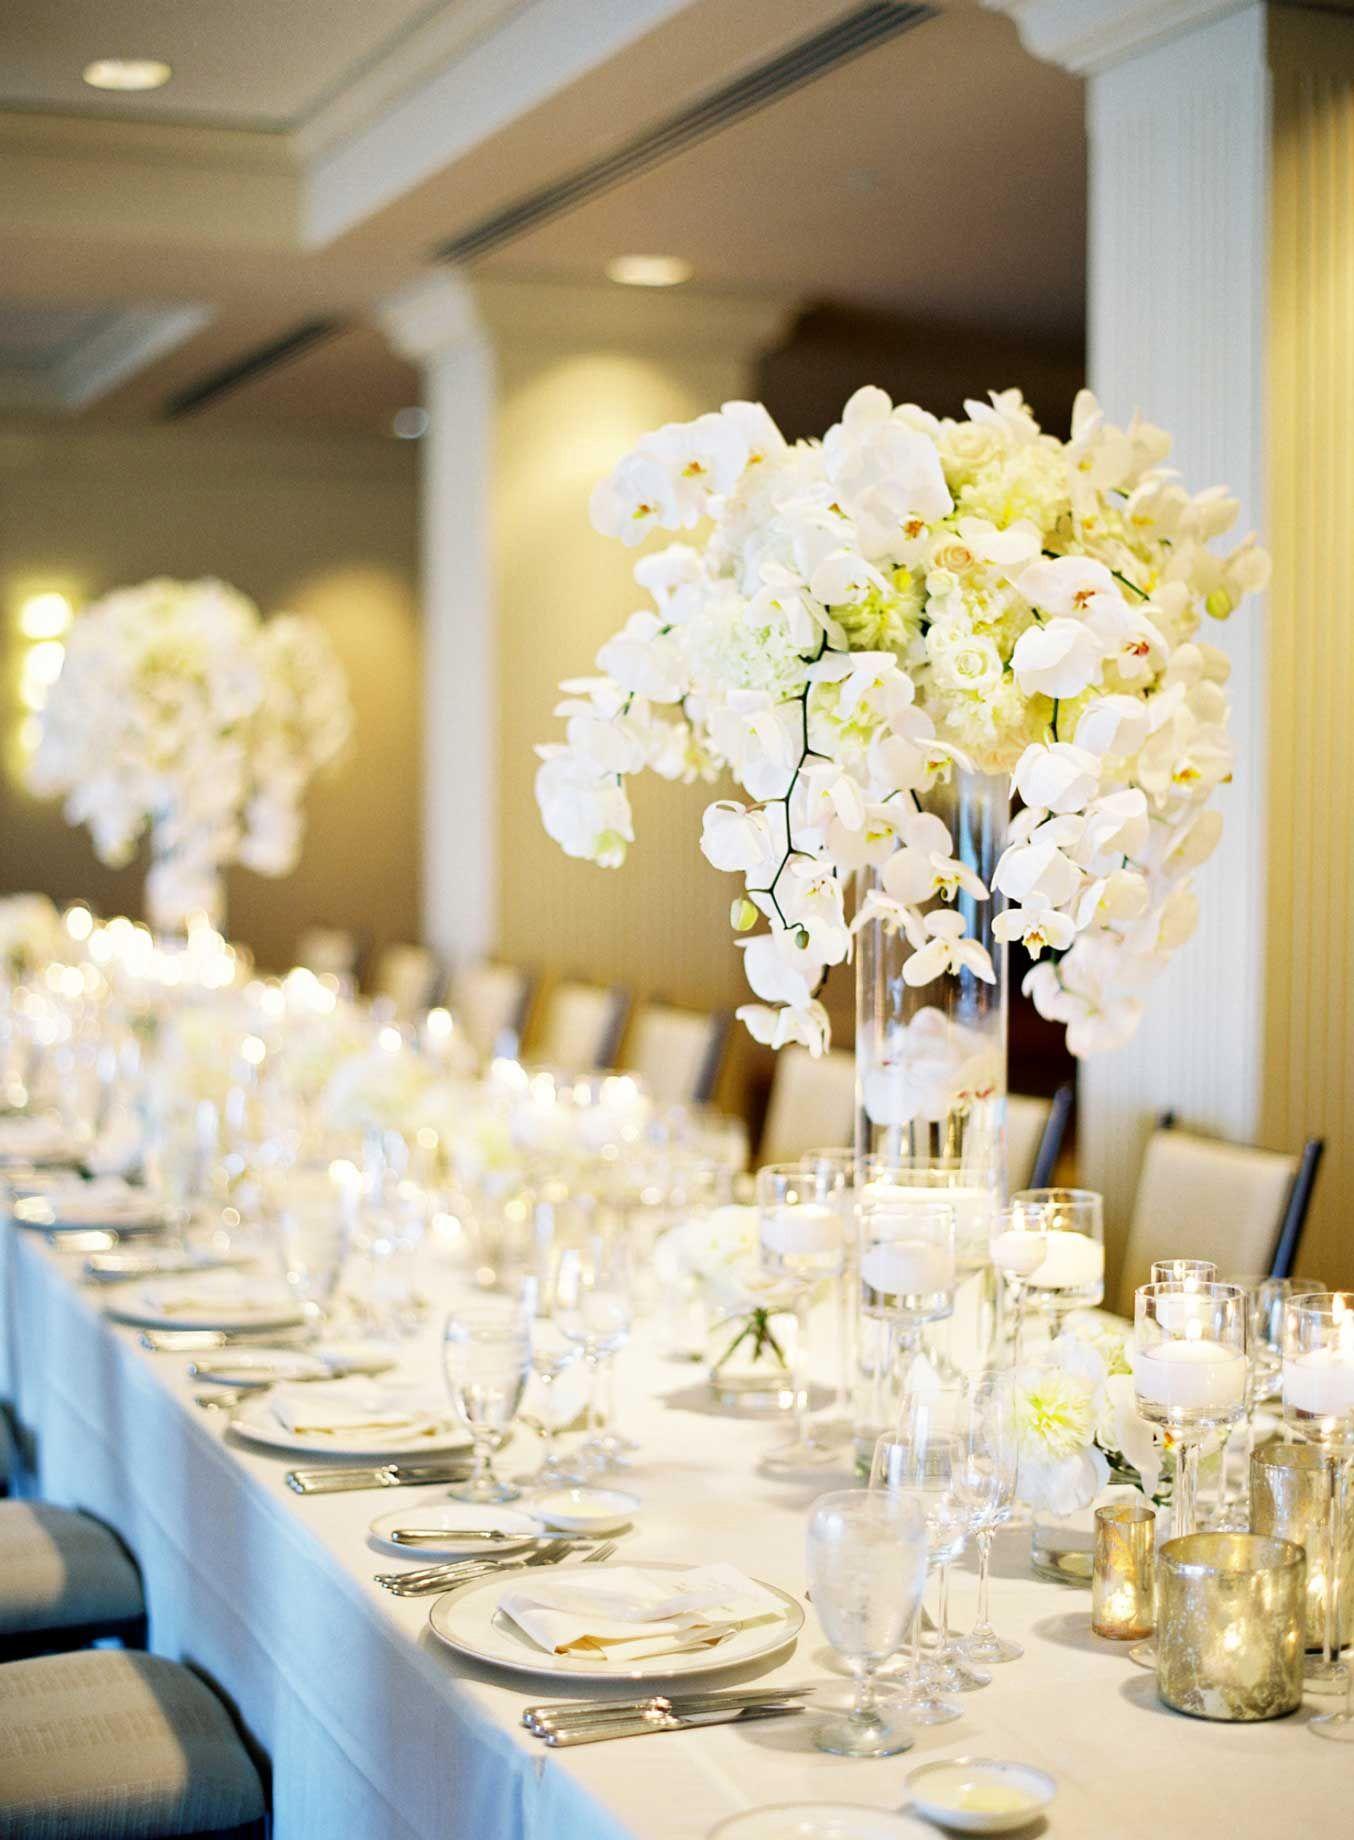 White wedding decoration ideas  Siempre decora tu mesa con flores  Tu Mesa  Pinterest  White